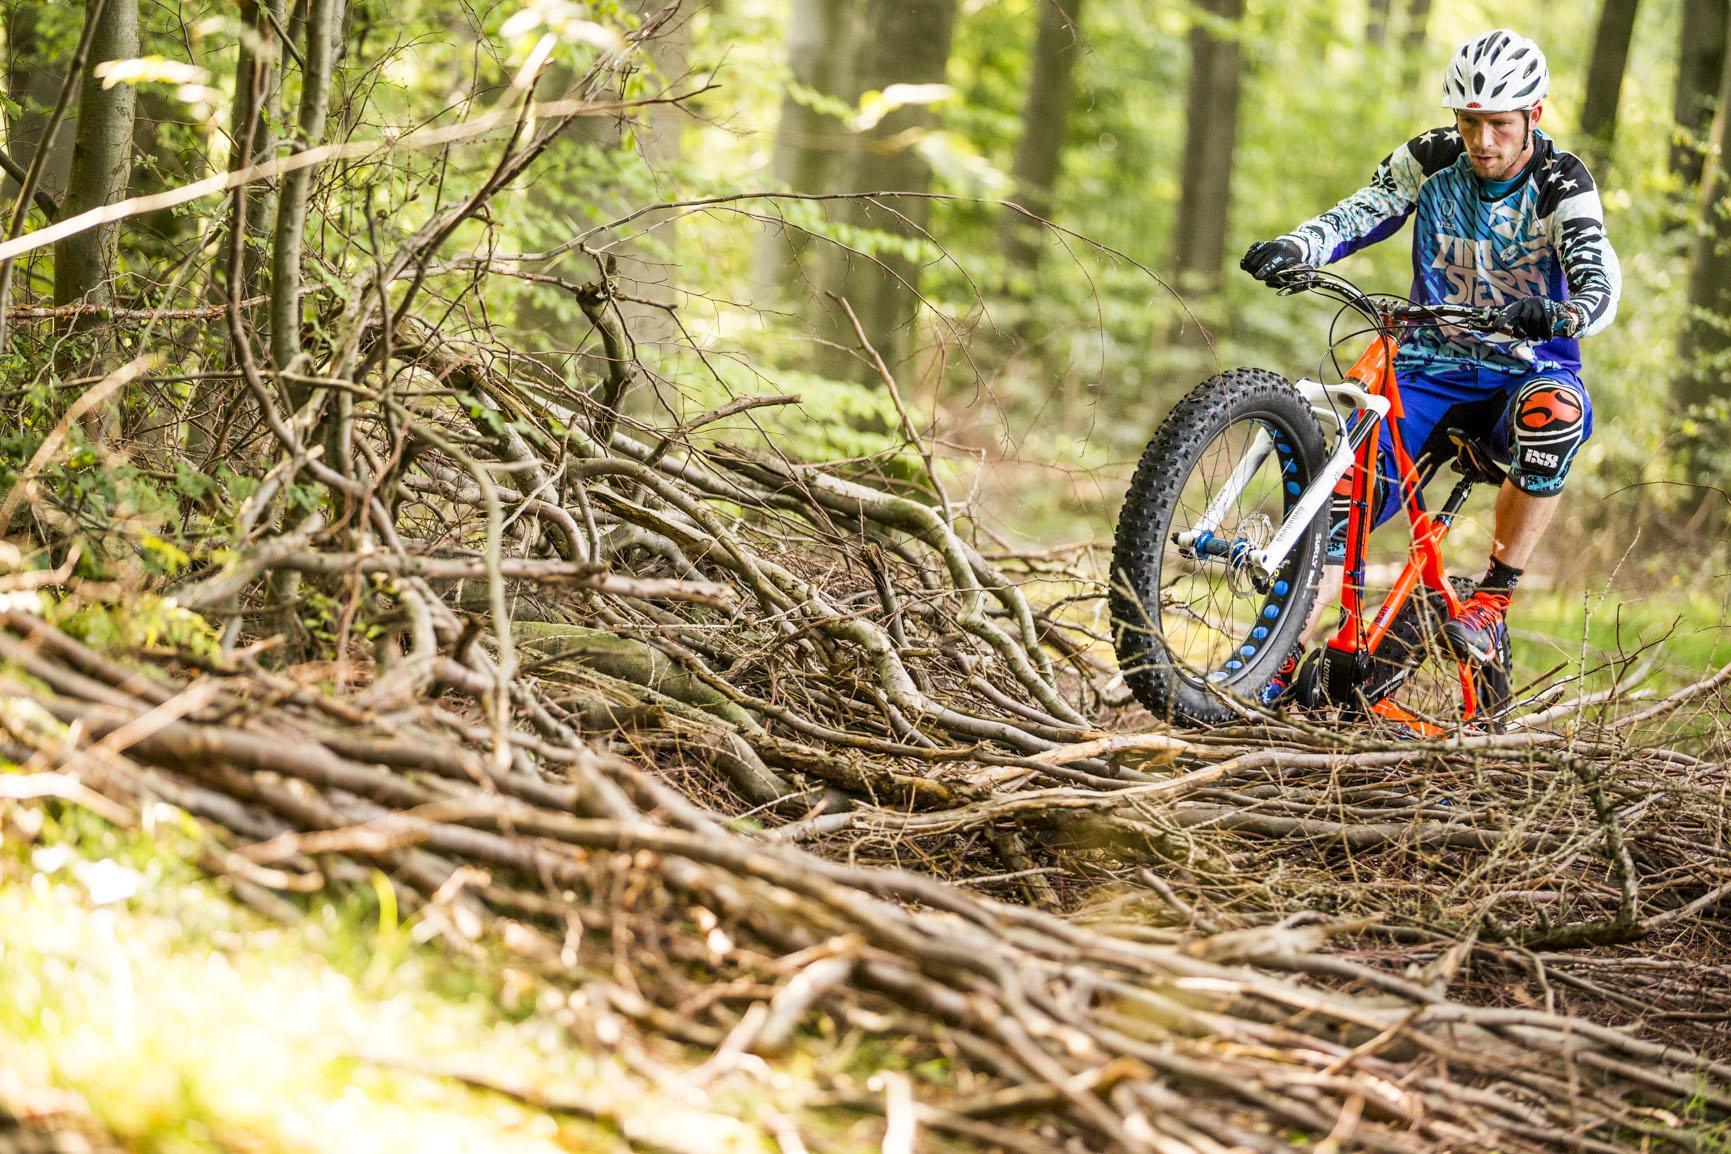 Nicolai FatBike_Schneidi_over sticks